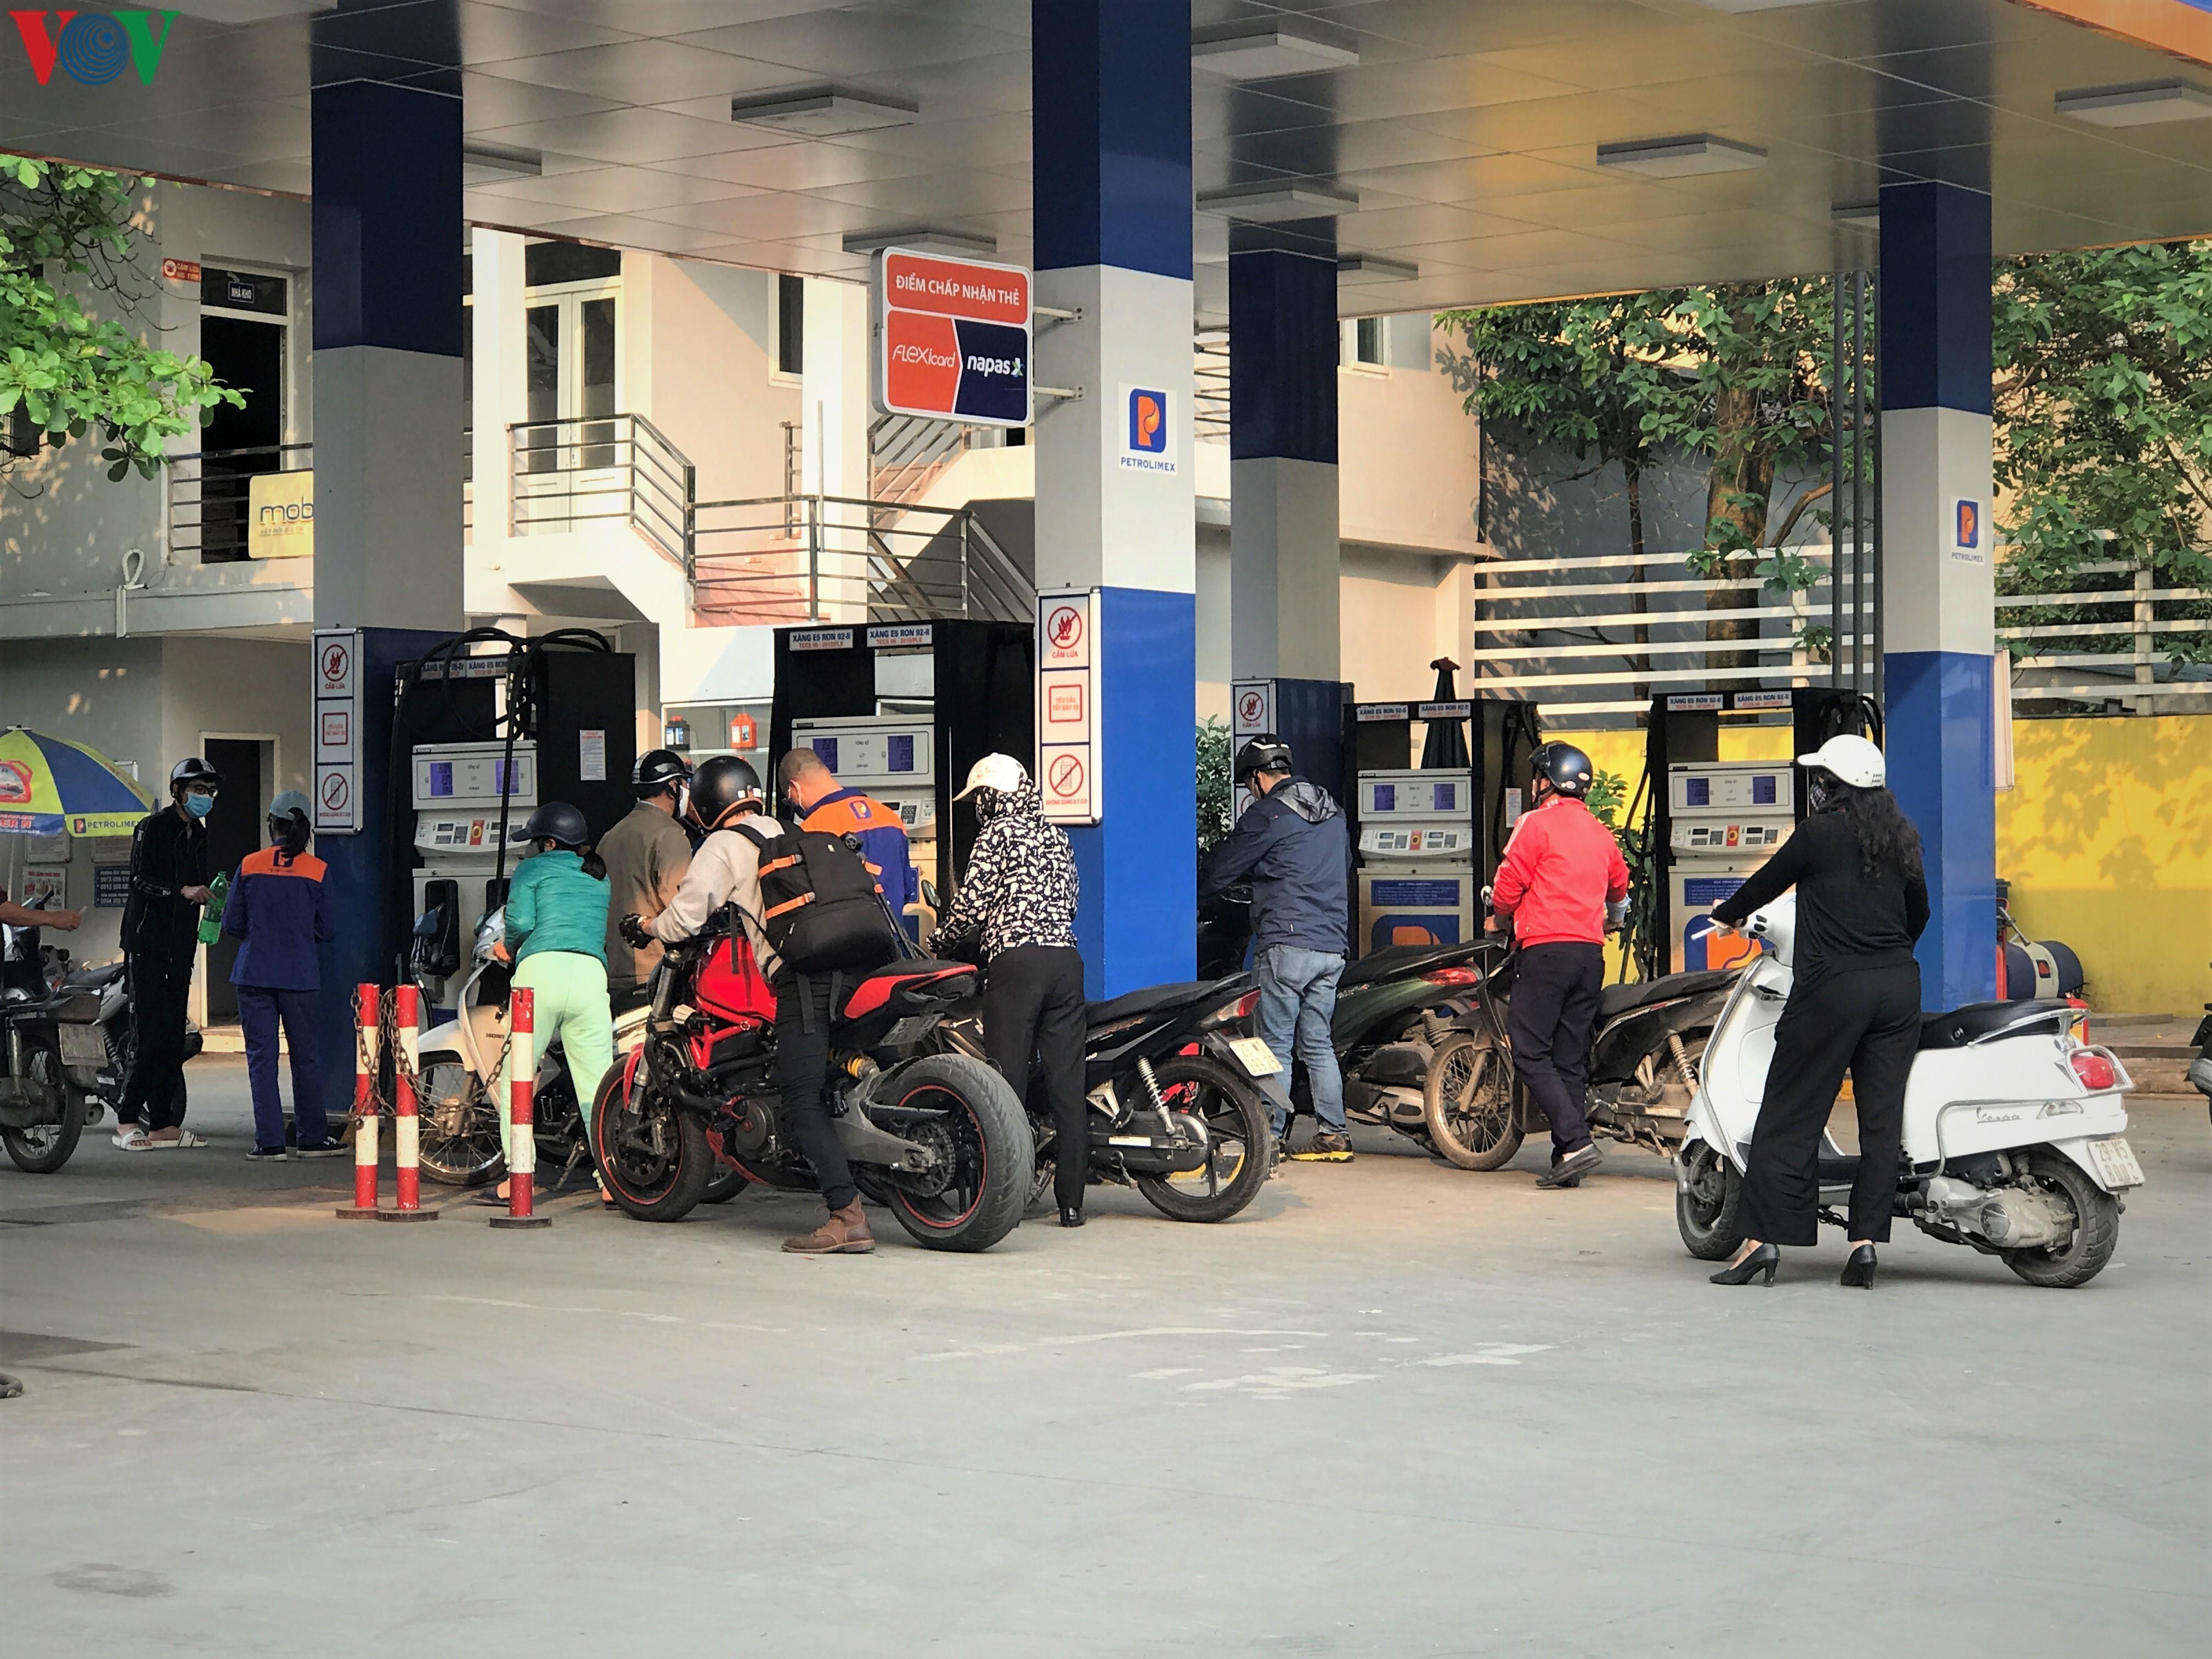 Ngày thứ 9 cách ly xã hội: Người và xe đông chật các ngã tư ở Hà Nội Ảnh 8